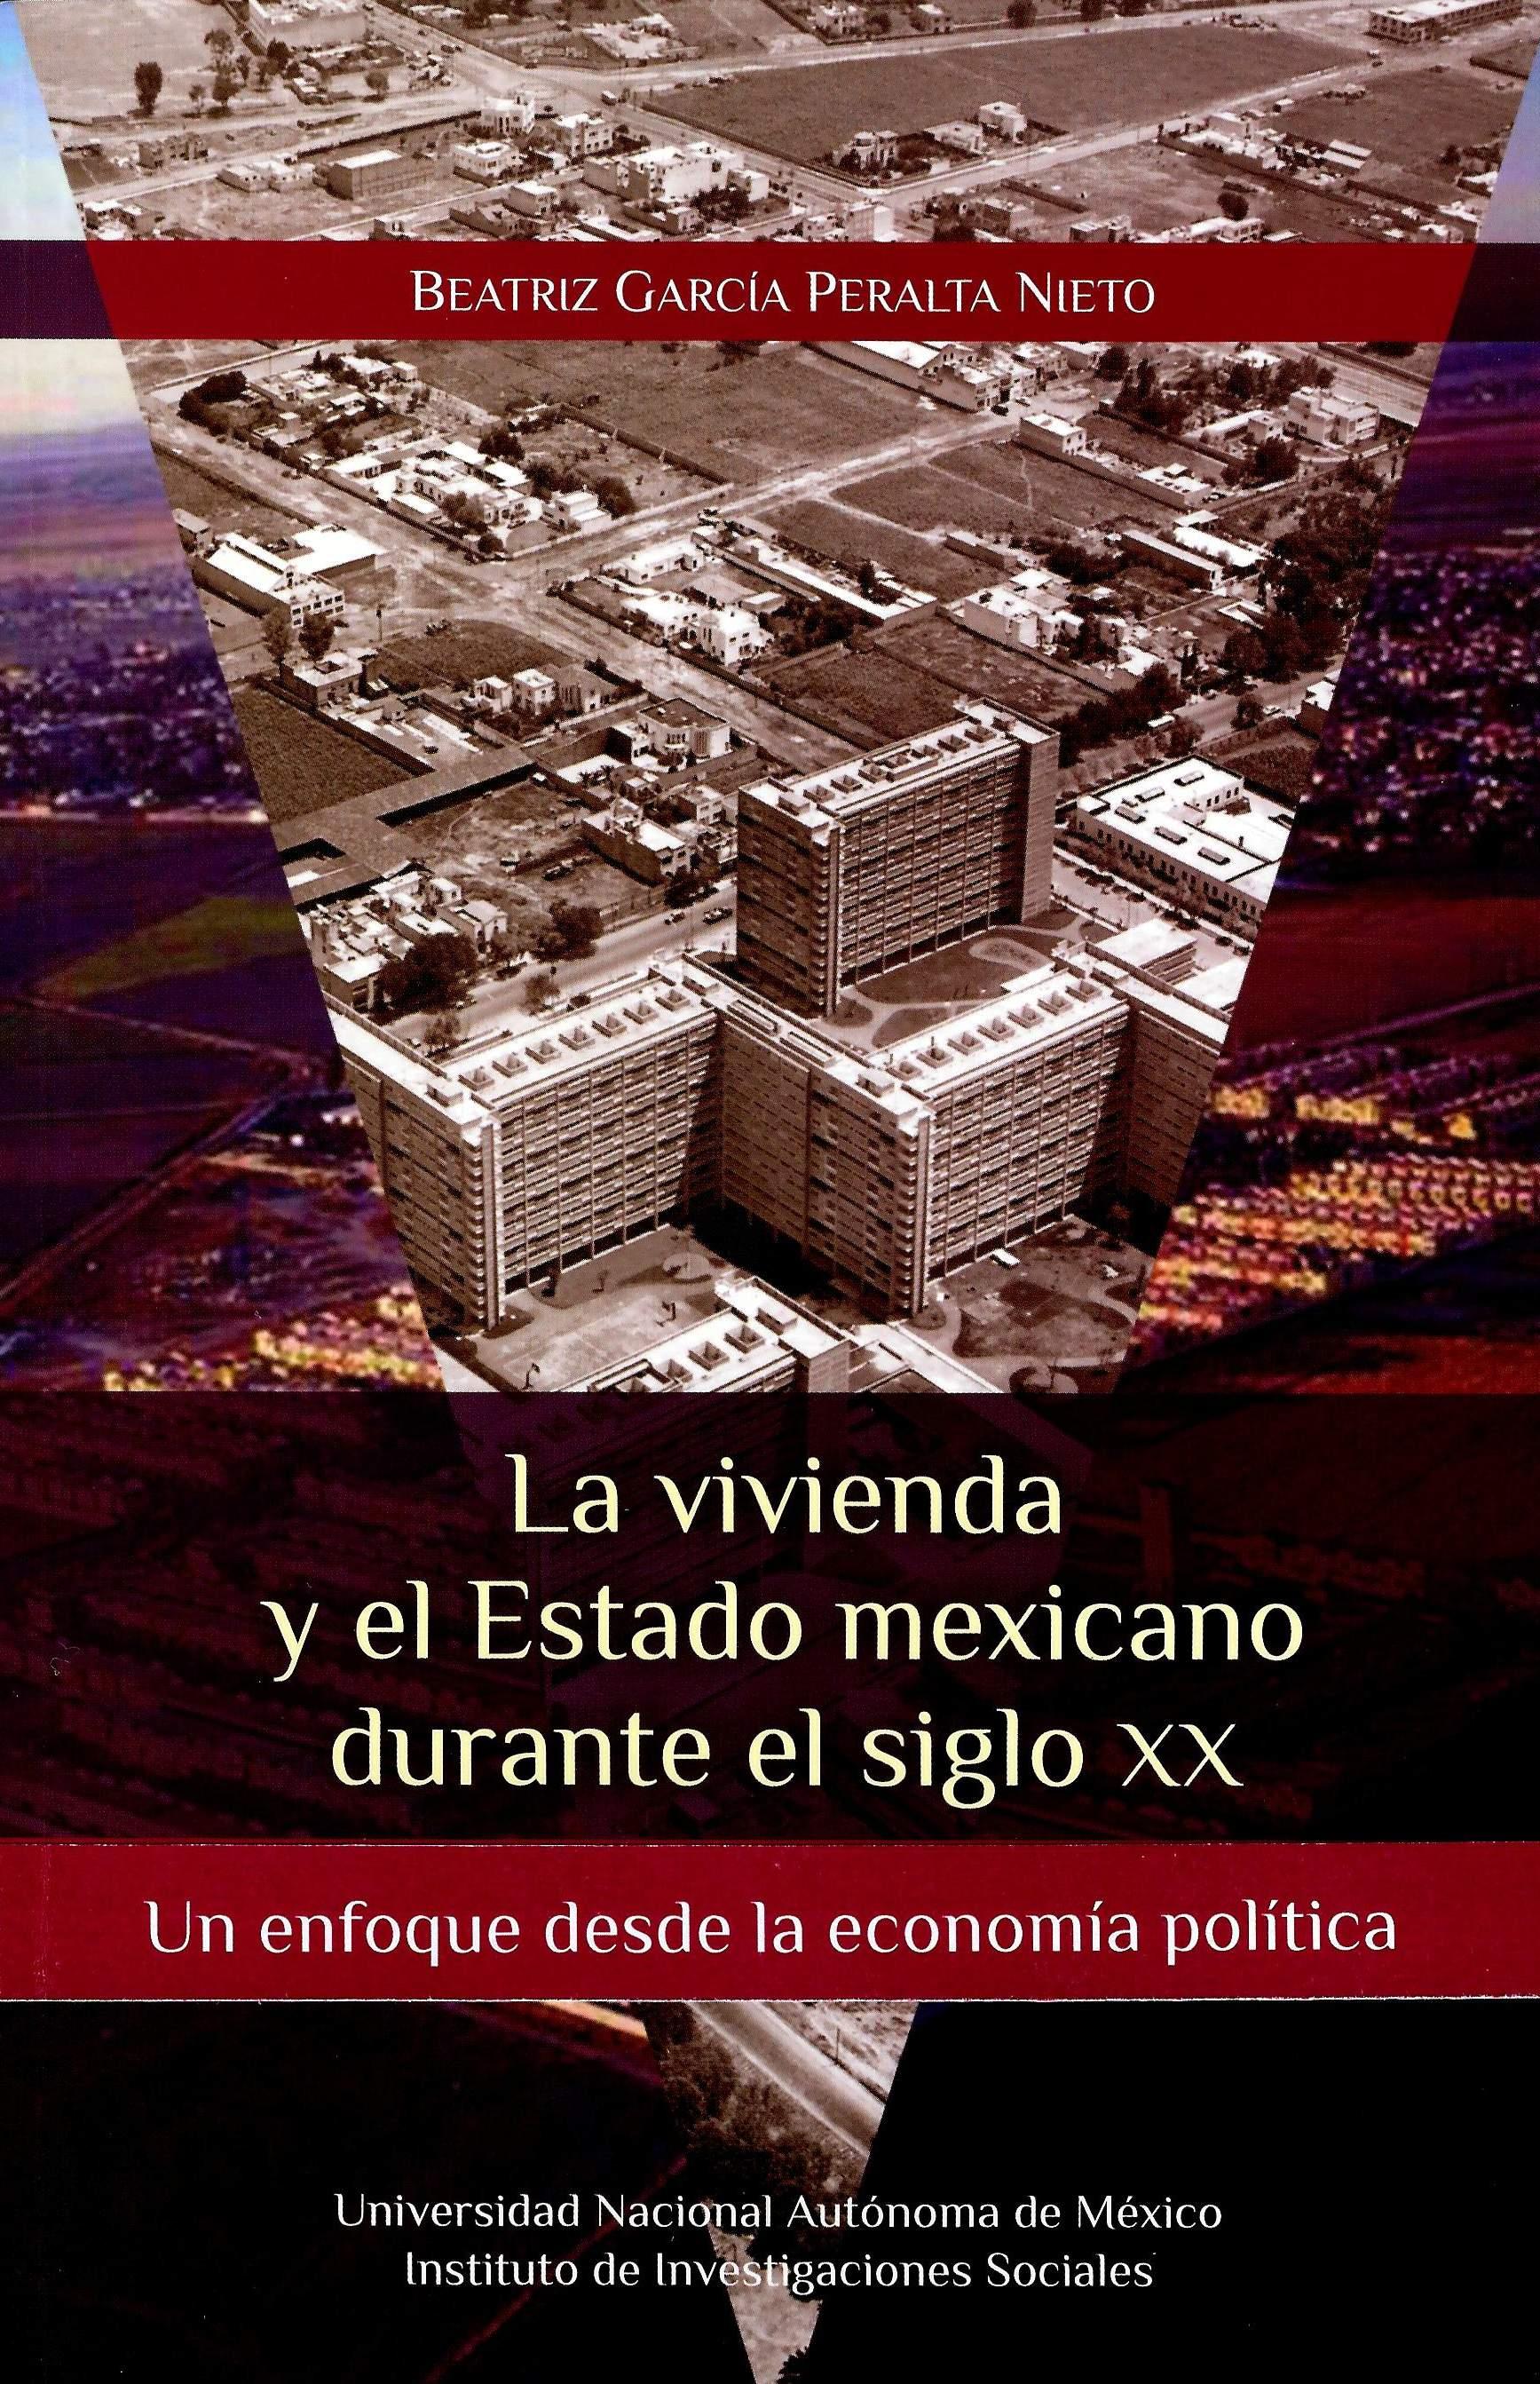 La vivienda y el Estado mexicano durante el siglo XX: Un enfoque desde la economía política